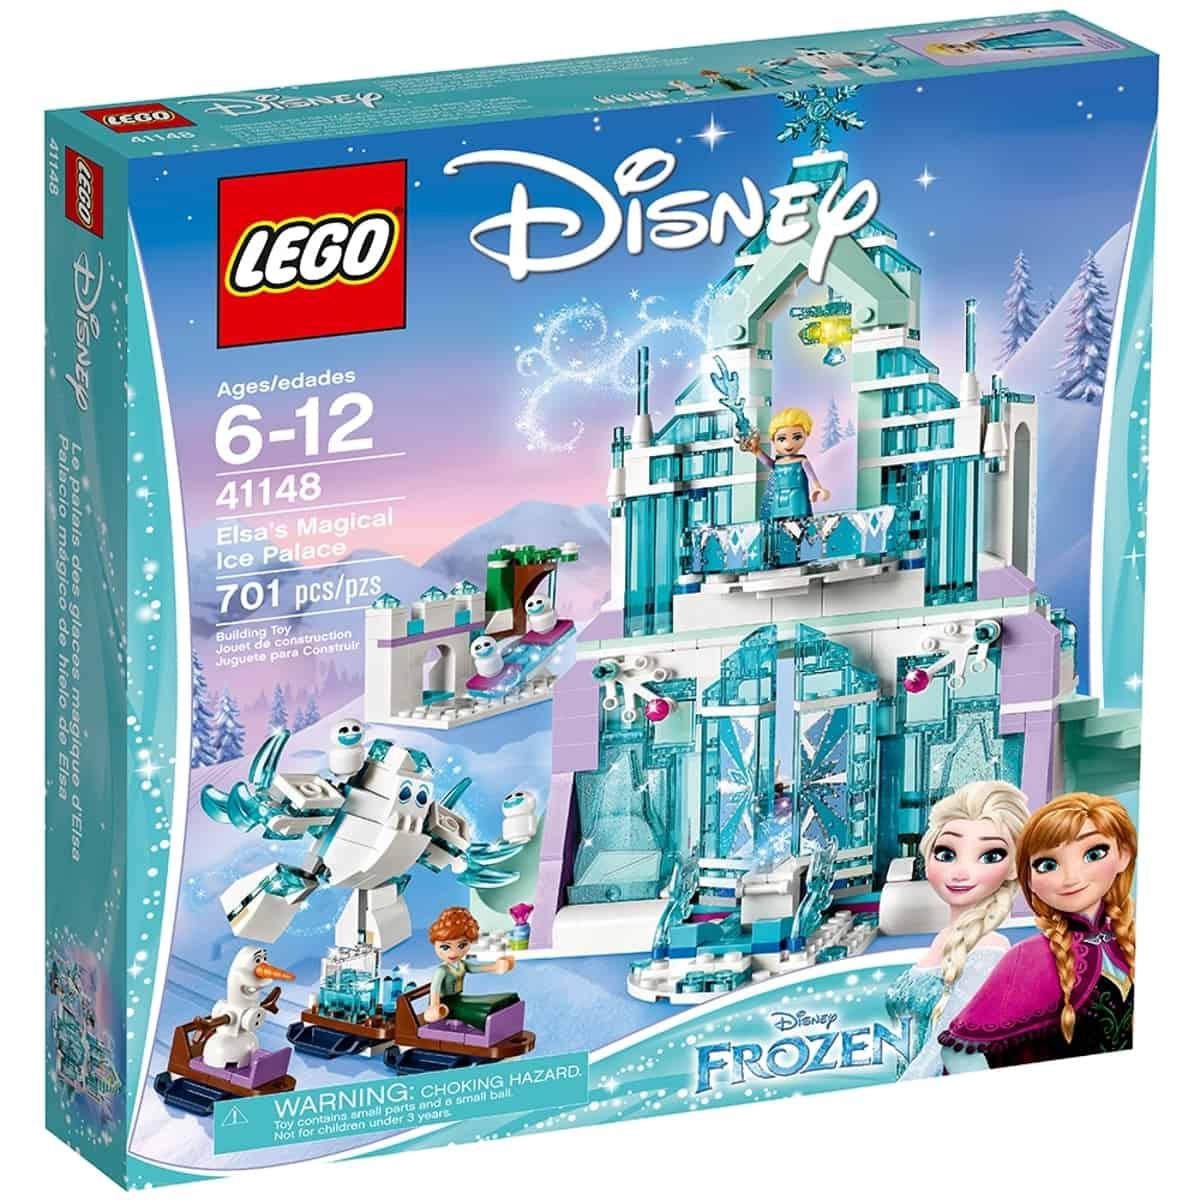 lego 41148 elsas magical ice palace